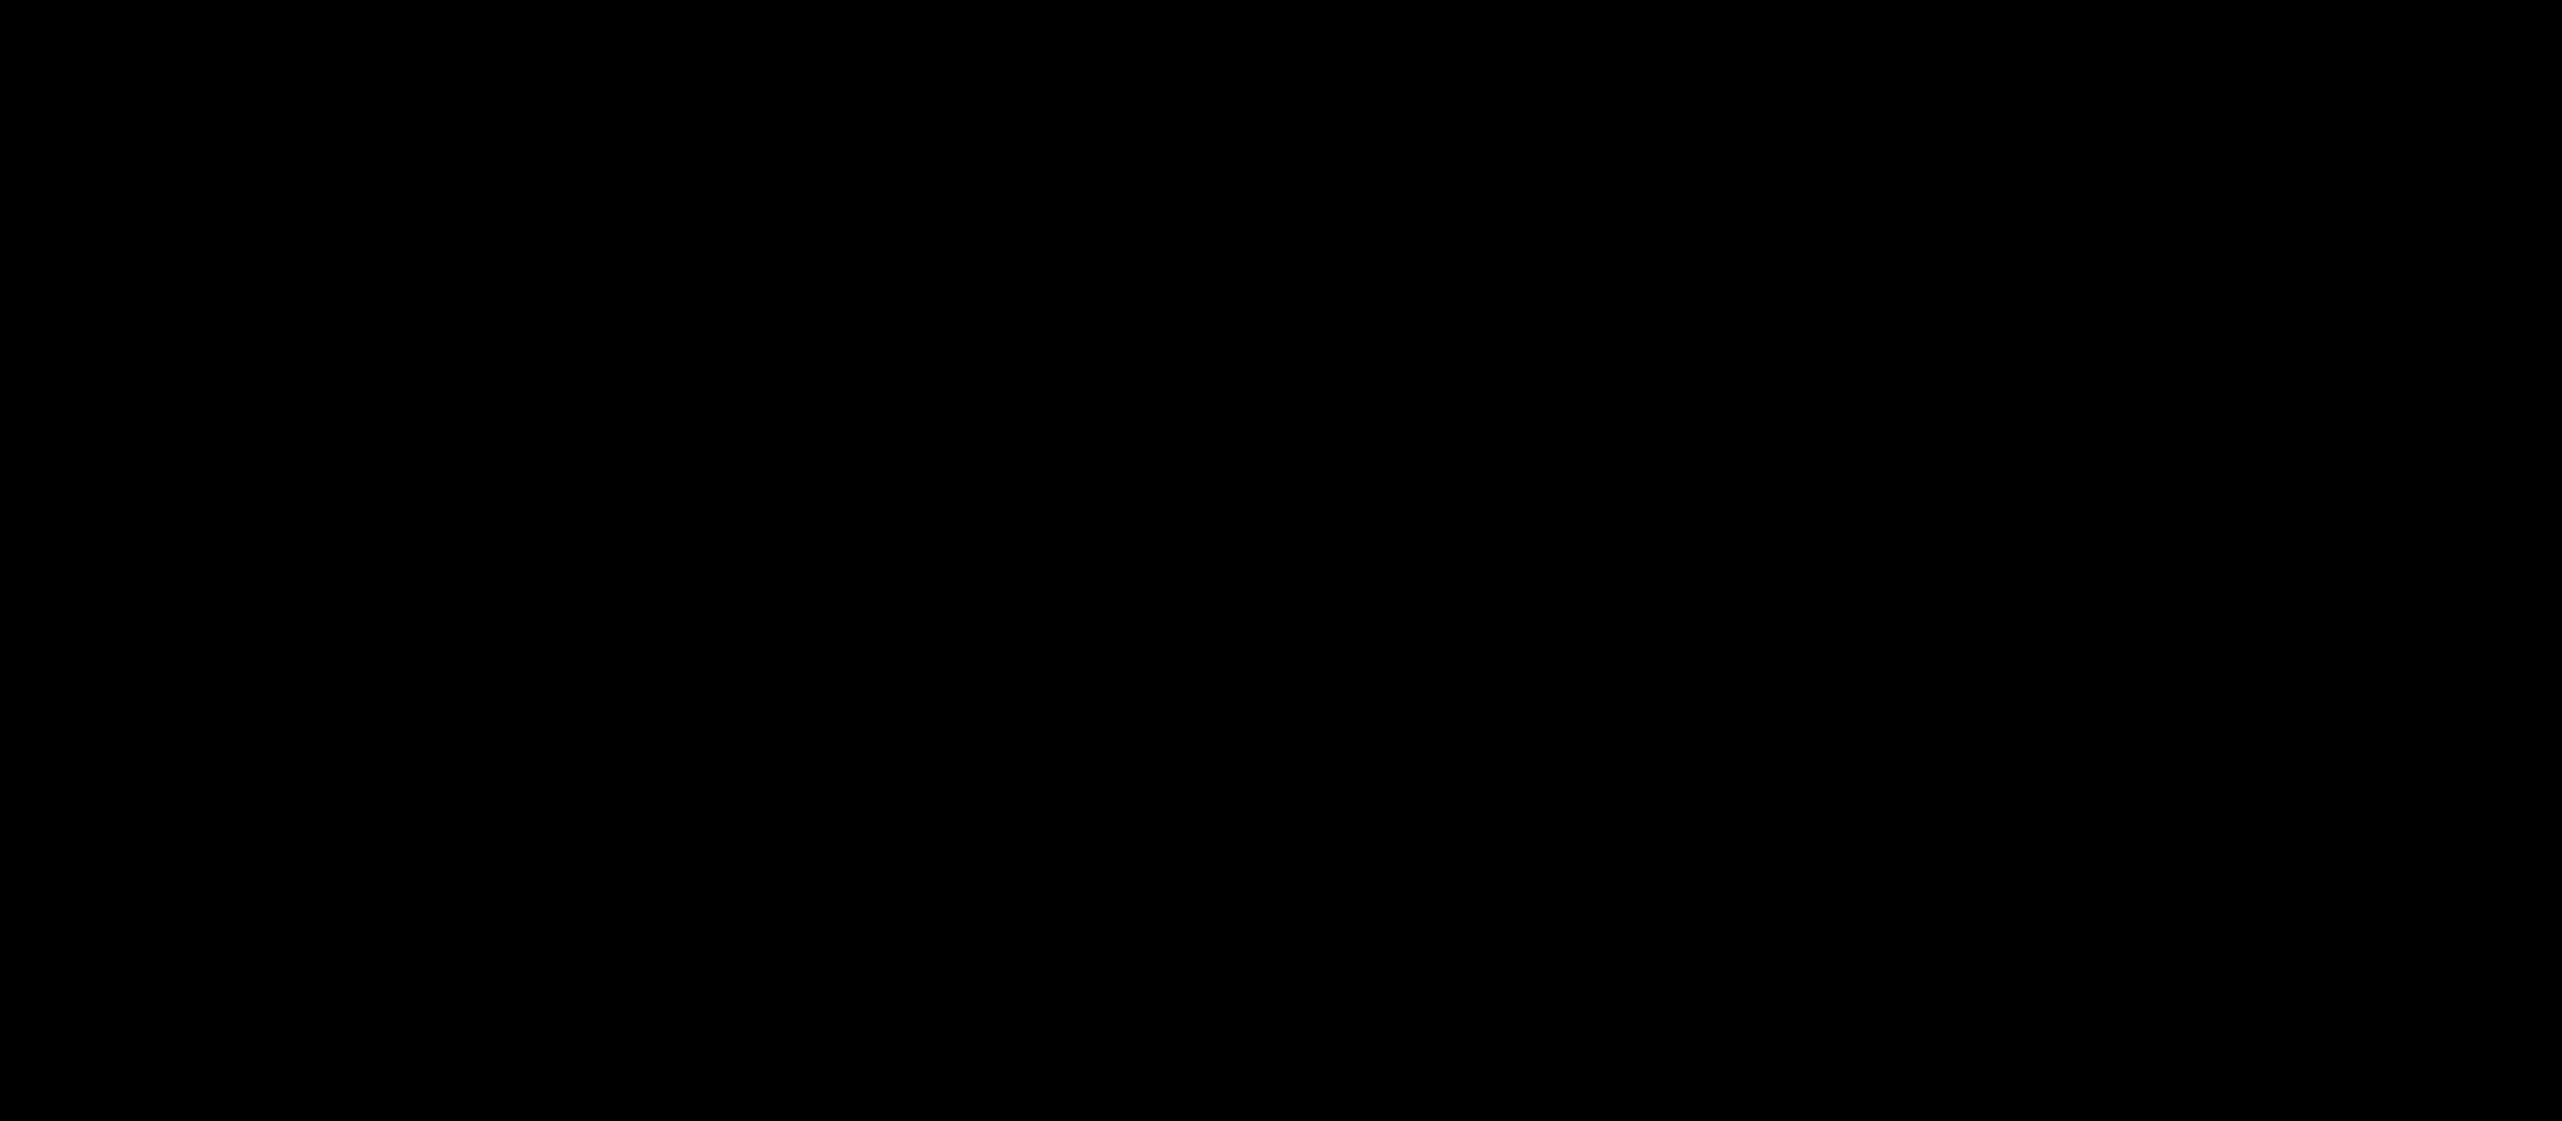 個人様向け保険から法人様向け保険まで、尾張旭市・瀬戸市・長久手市・日進市・名古屋市(千種区・名東区・守山区..)などから  |スライド画像2